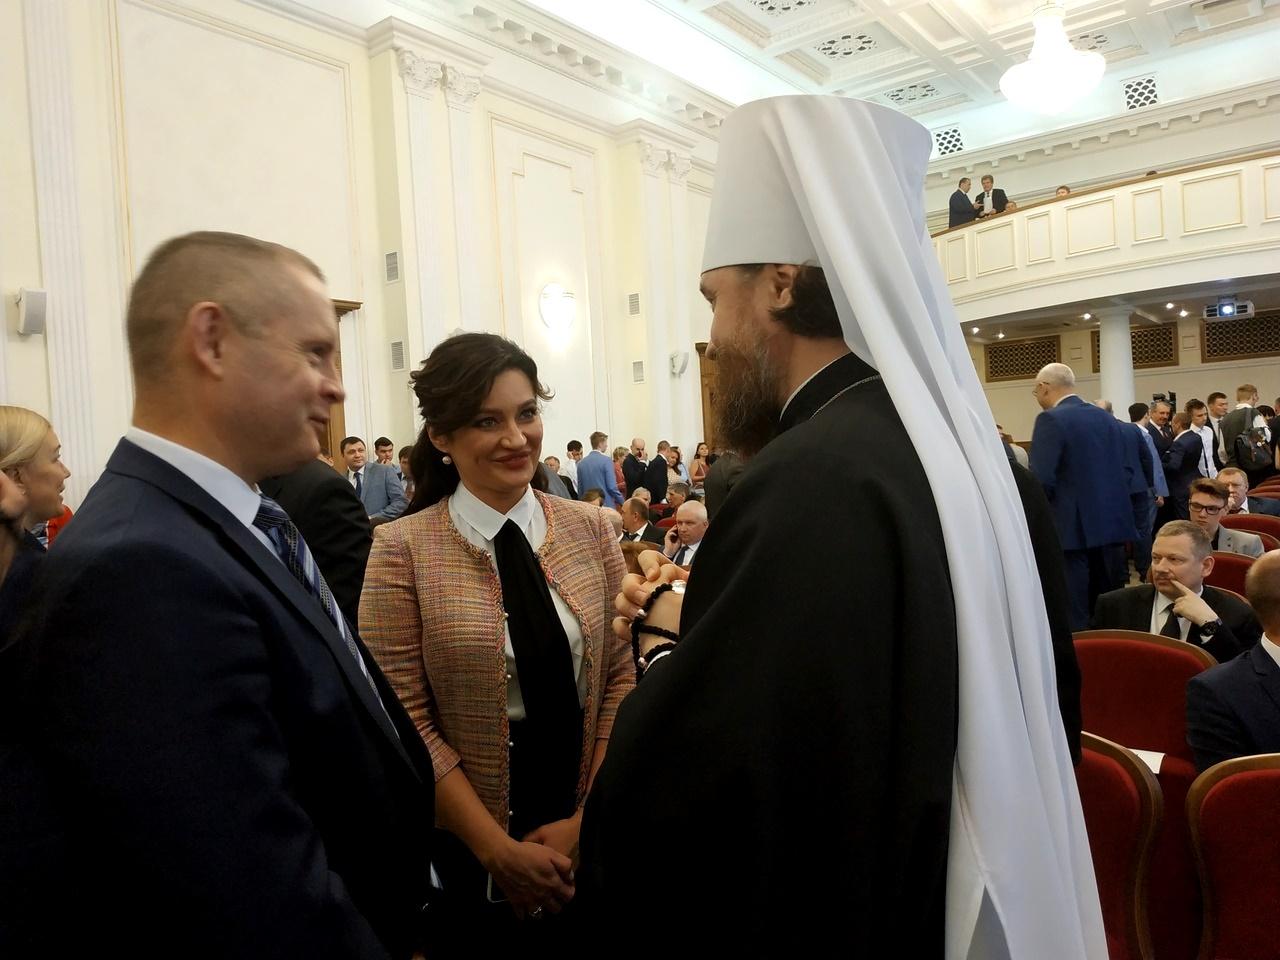 Выборы губернатора Челябинской области назначены на 8 сентября 2019 года. Соответствующее